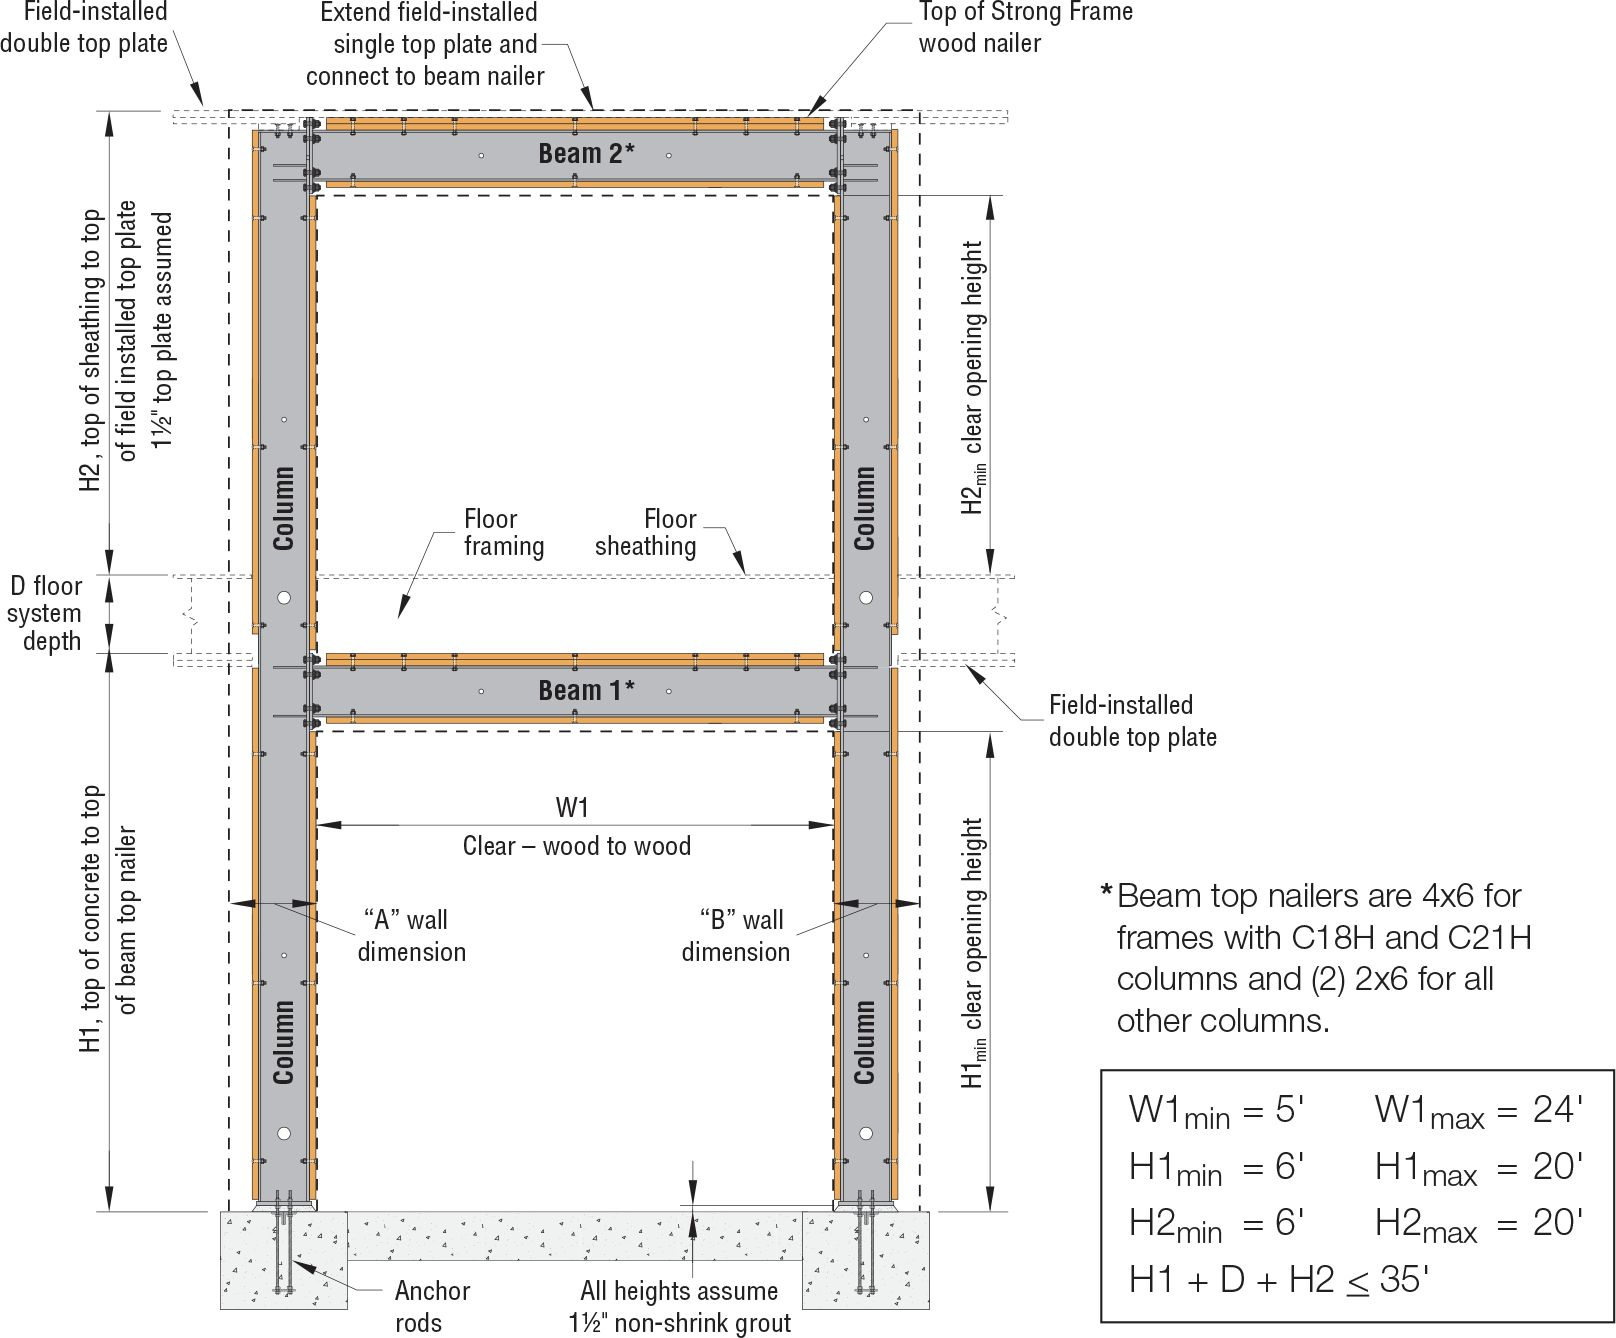 2story-assembly_elevation